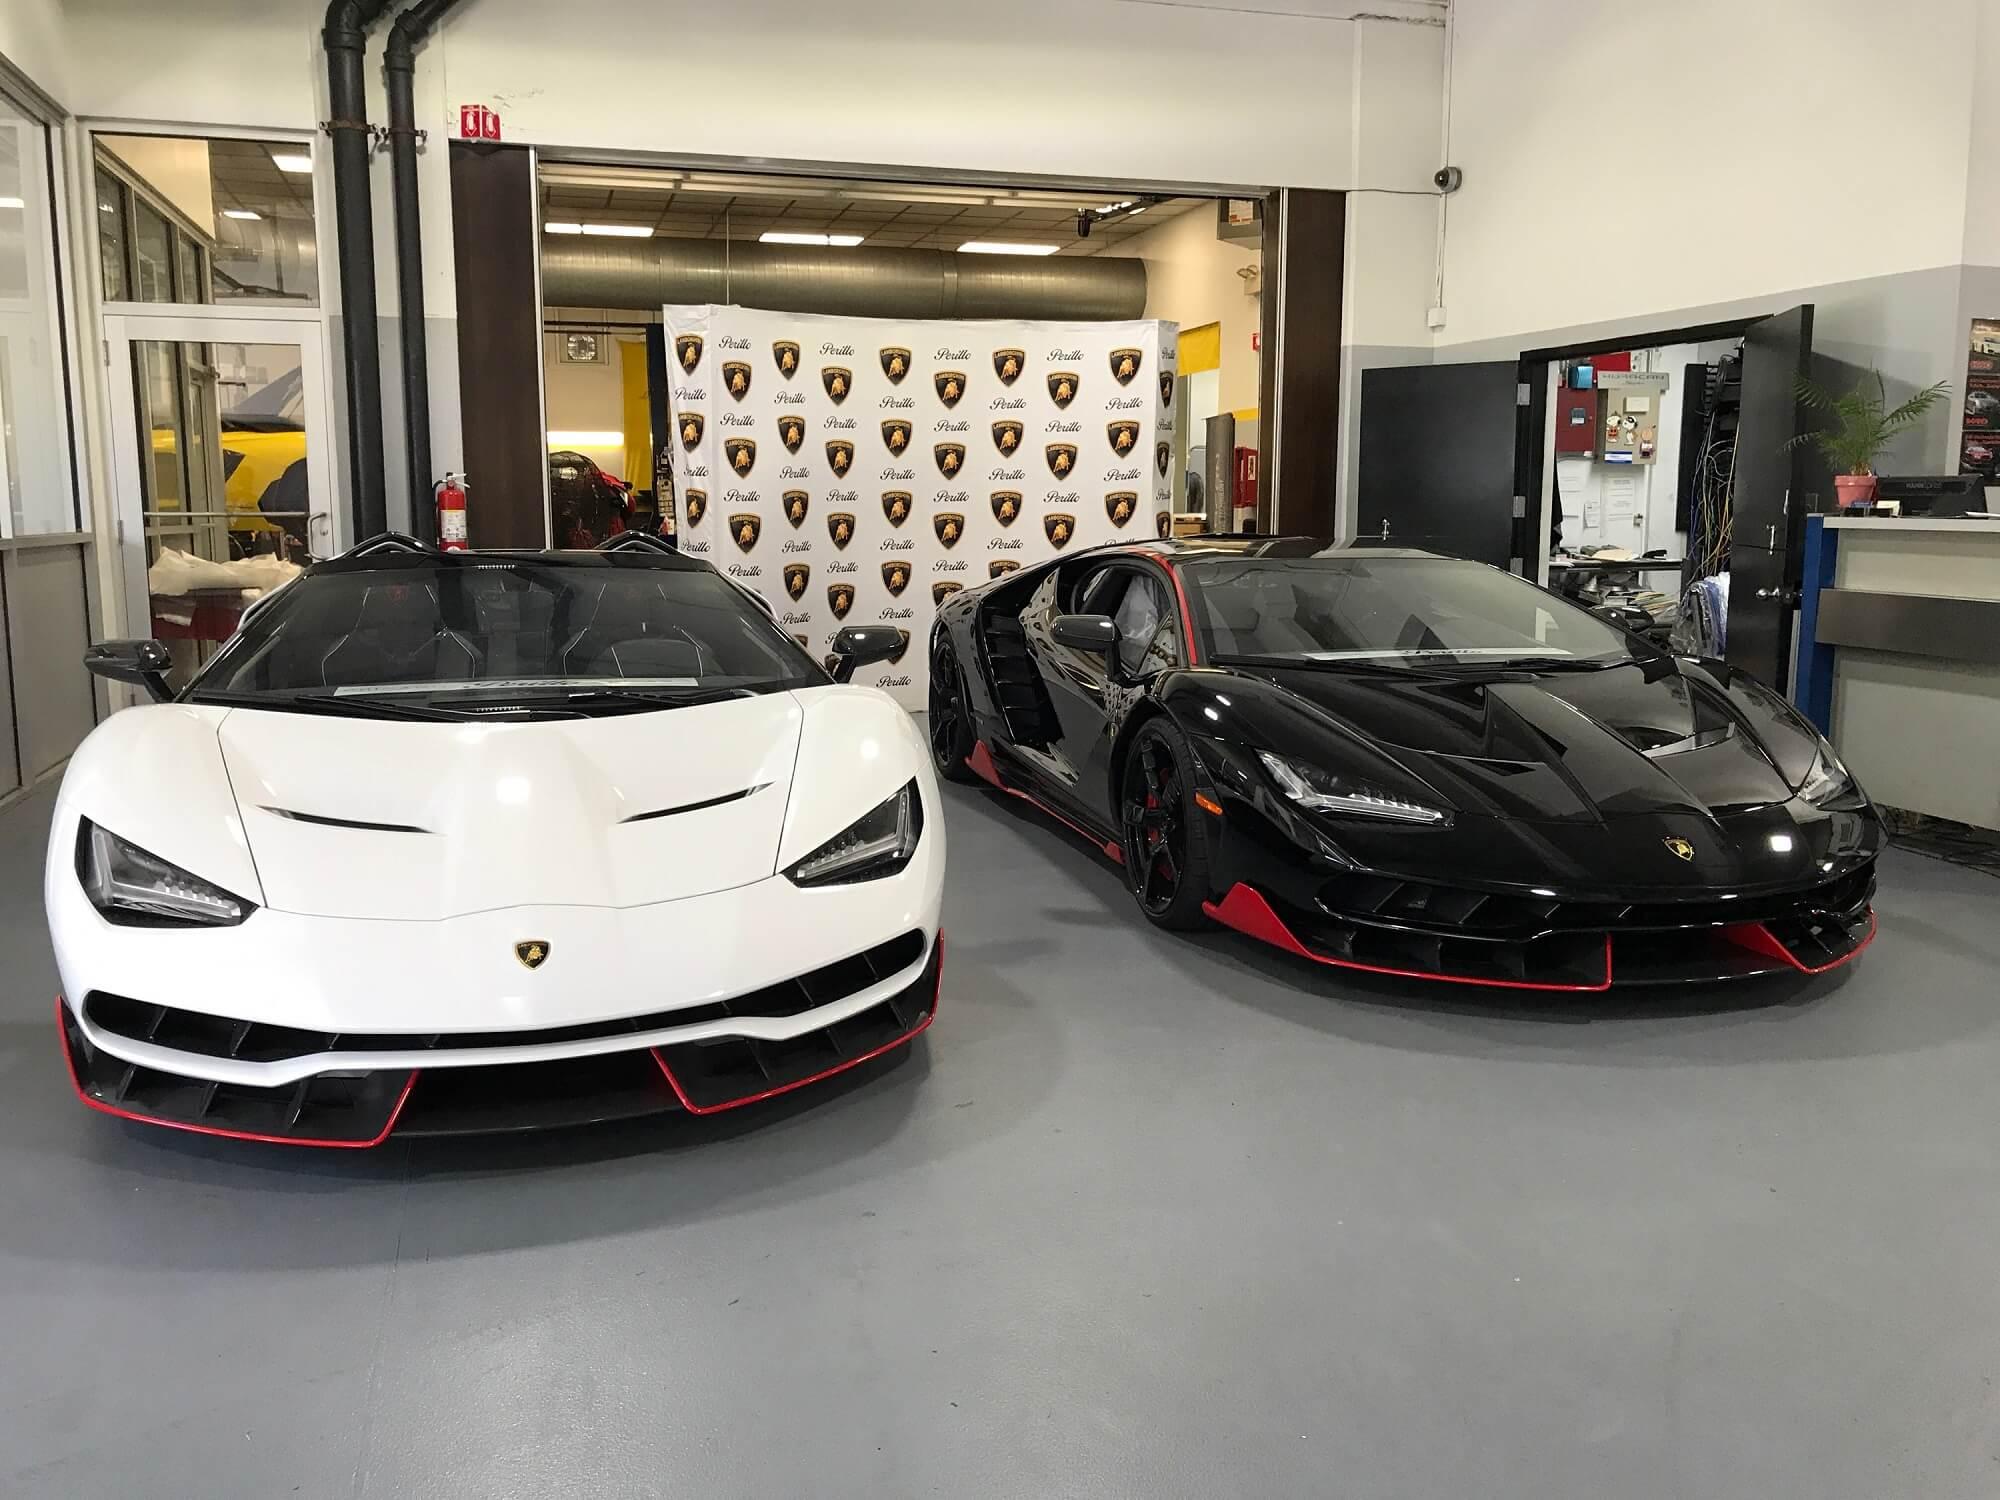 Two Lamborghini Centenario's